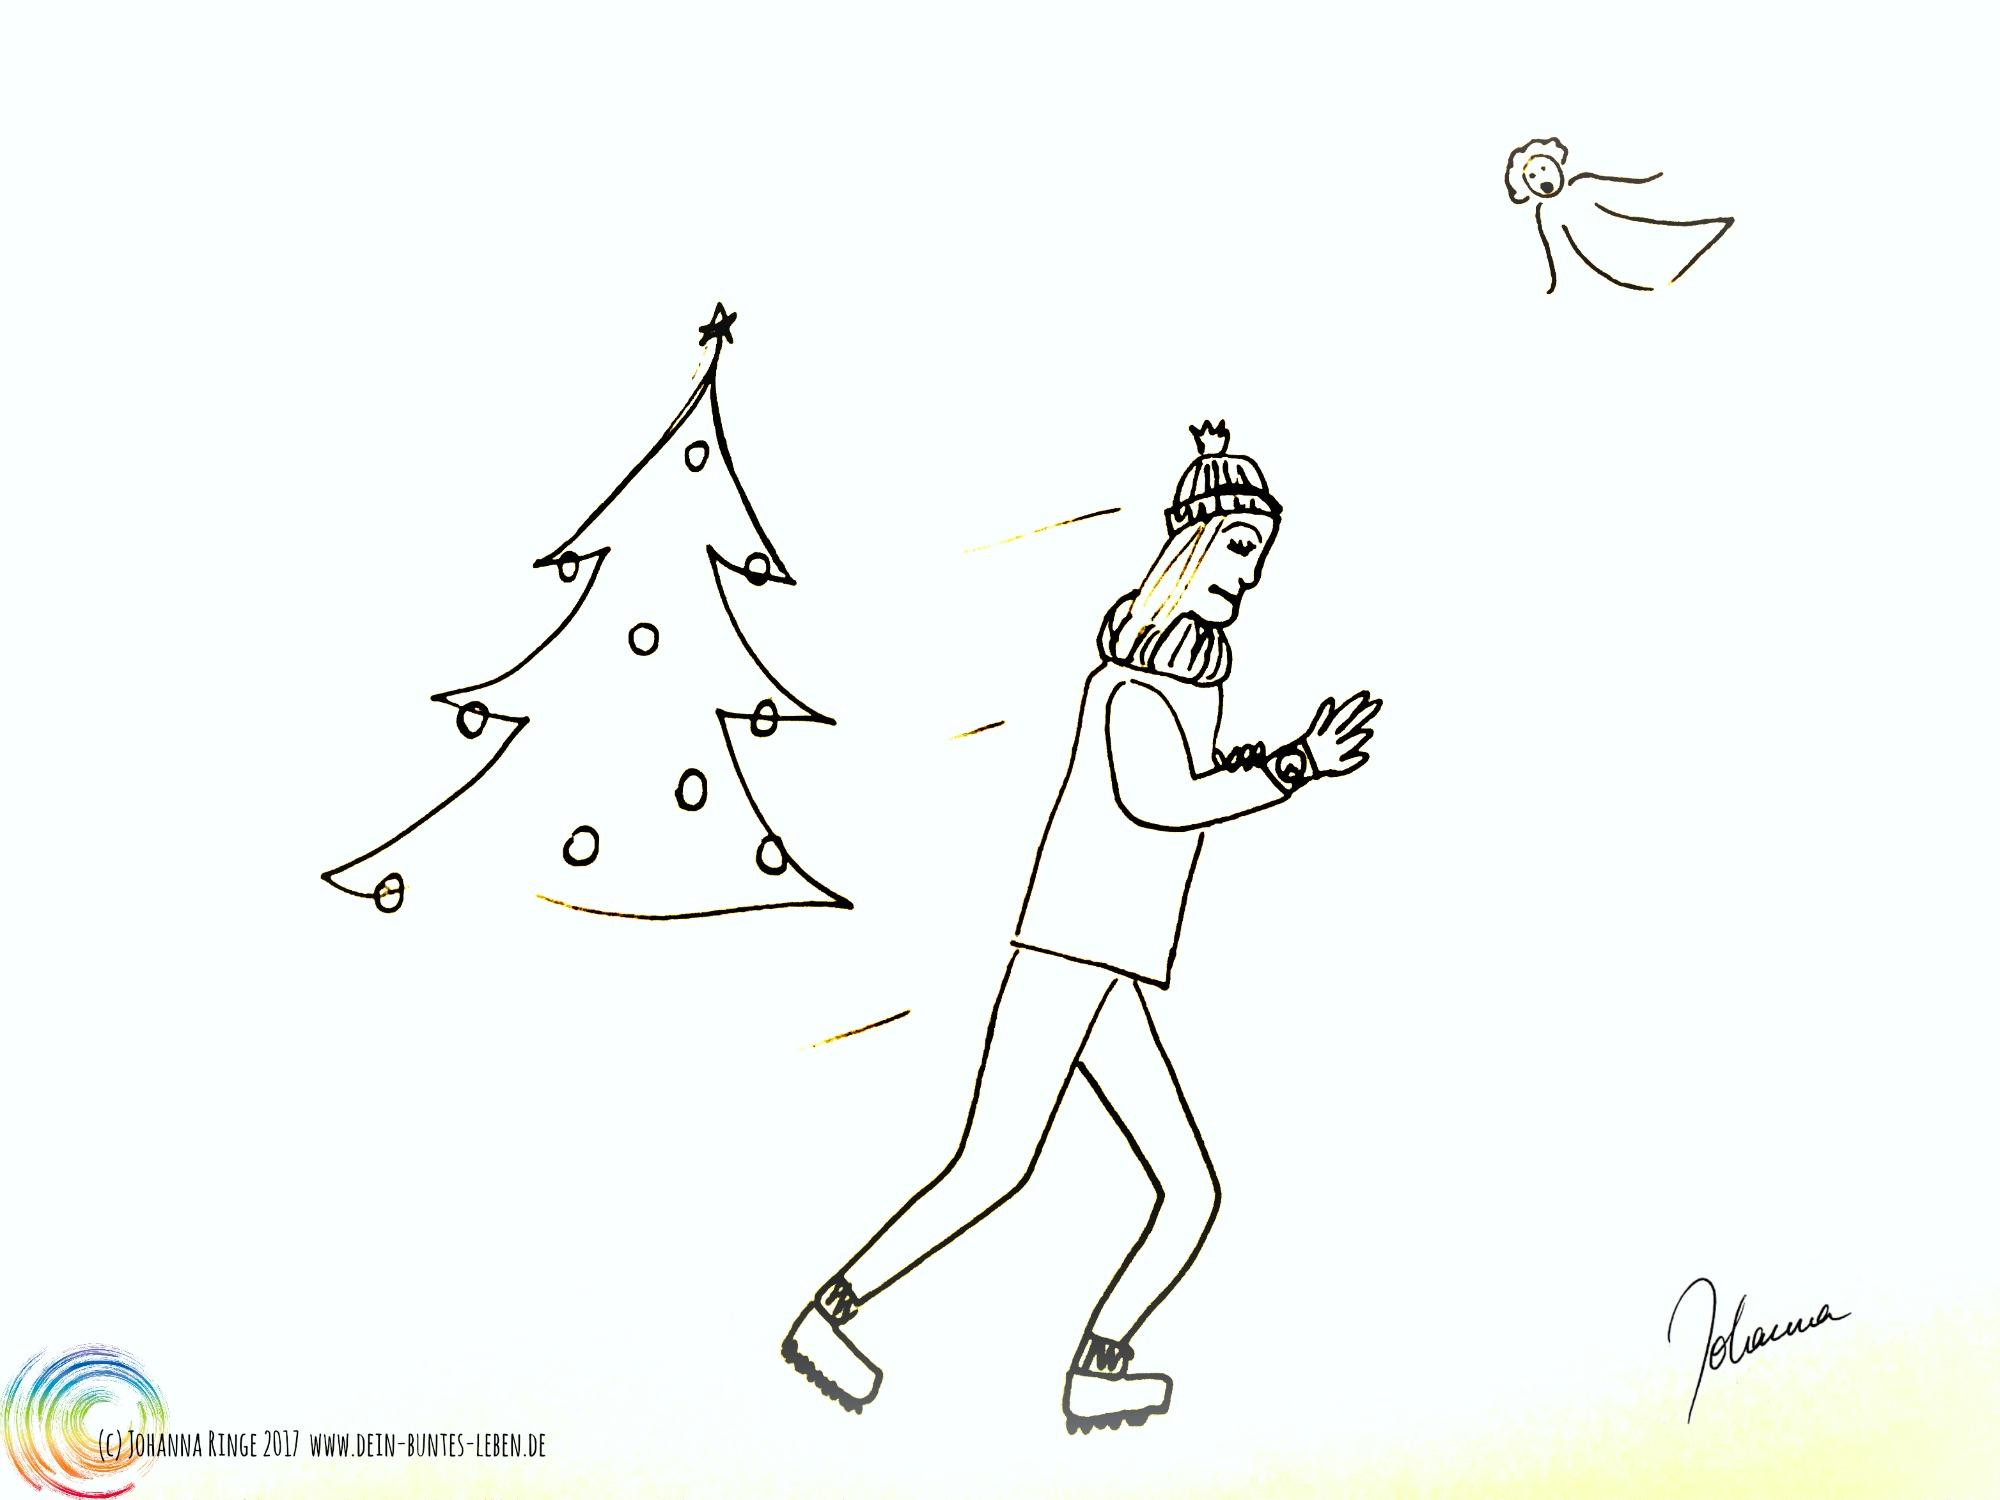 Gehetzte Weihnachtszeit: Eine Person eilt, auf die Uhr sehend, an Weihnachtsbaum und Engel vorbei. (c)2017 Johanna Ringe www.dein-buntes-leben.de